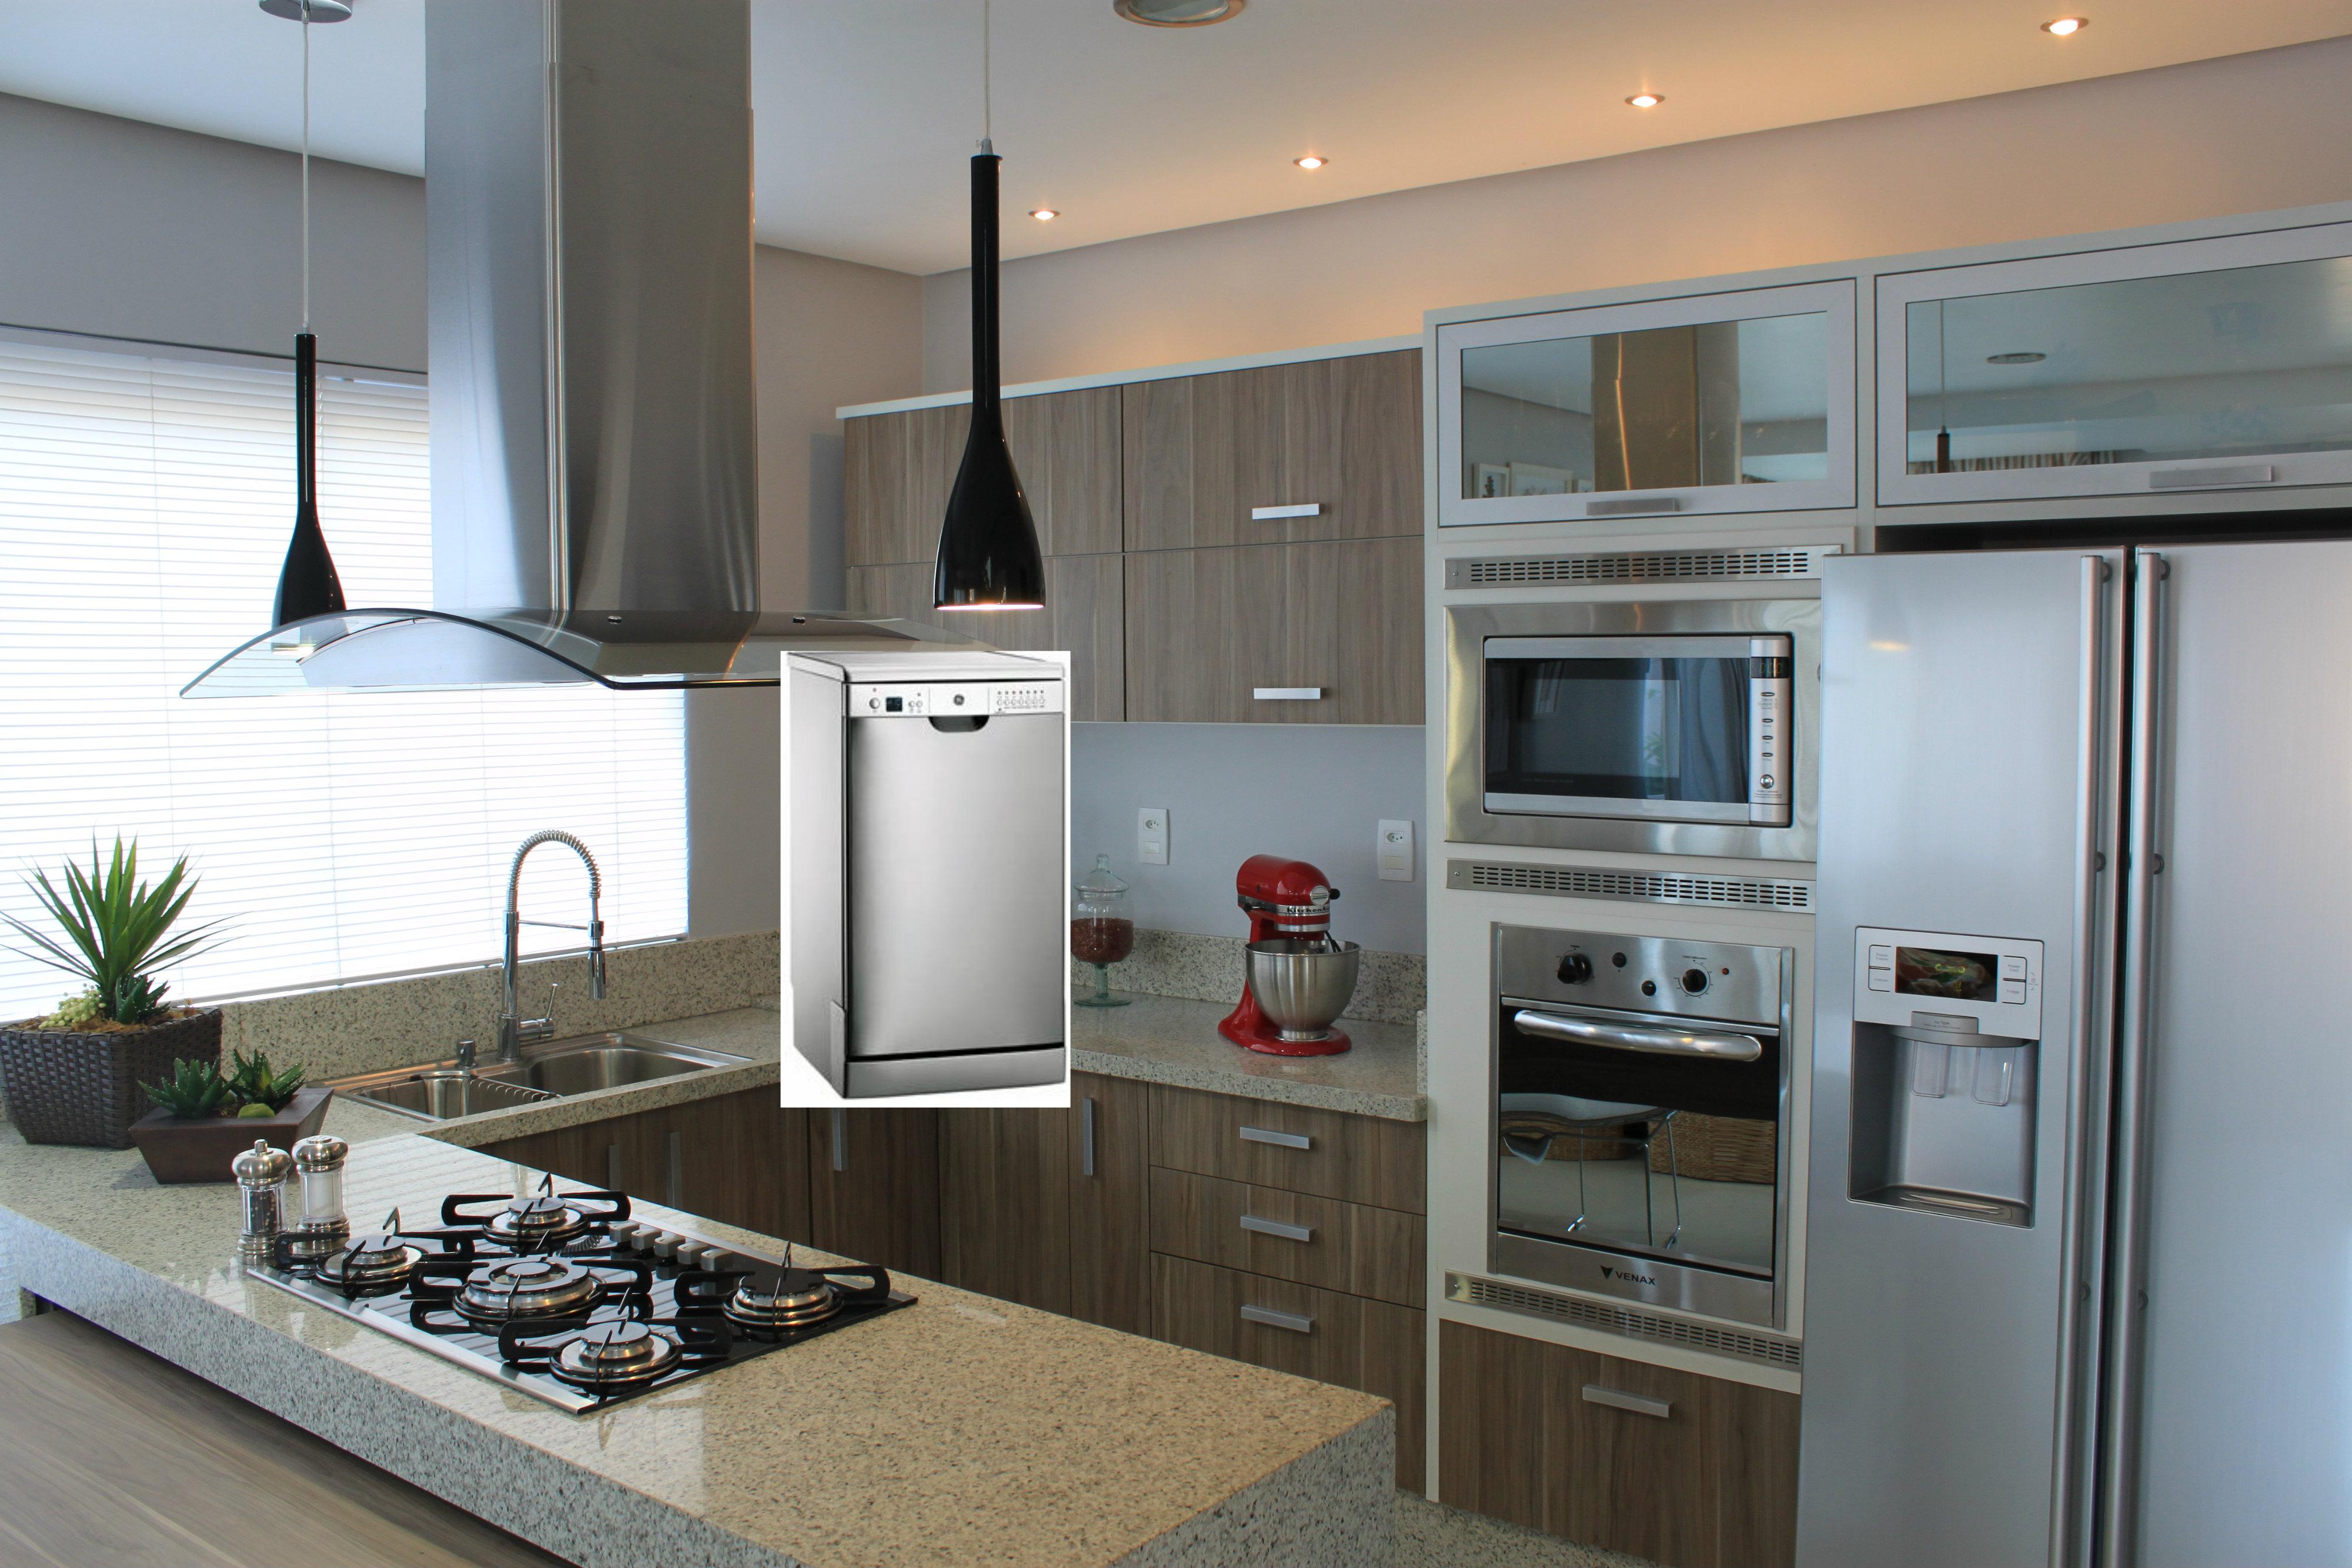 Cozinha Com Eletrodomesticos Branco Oppenau Info